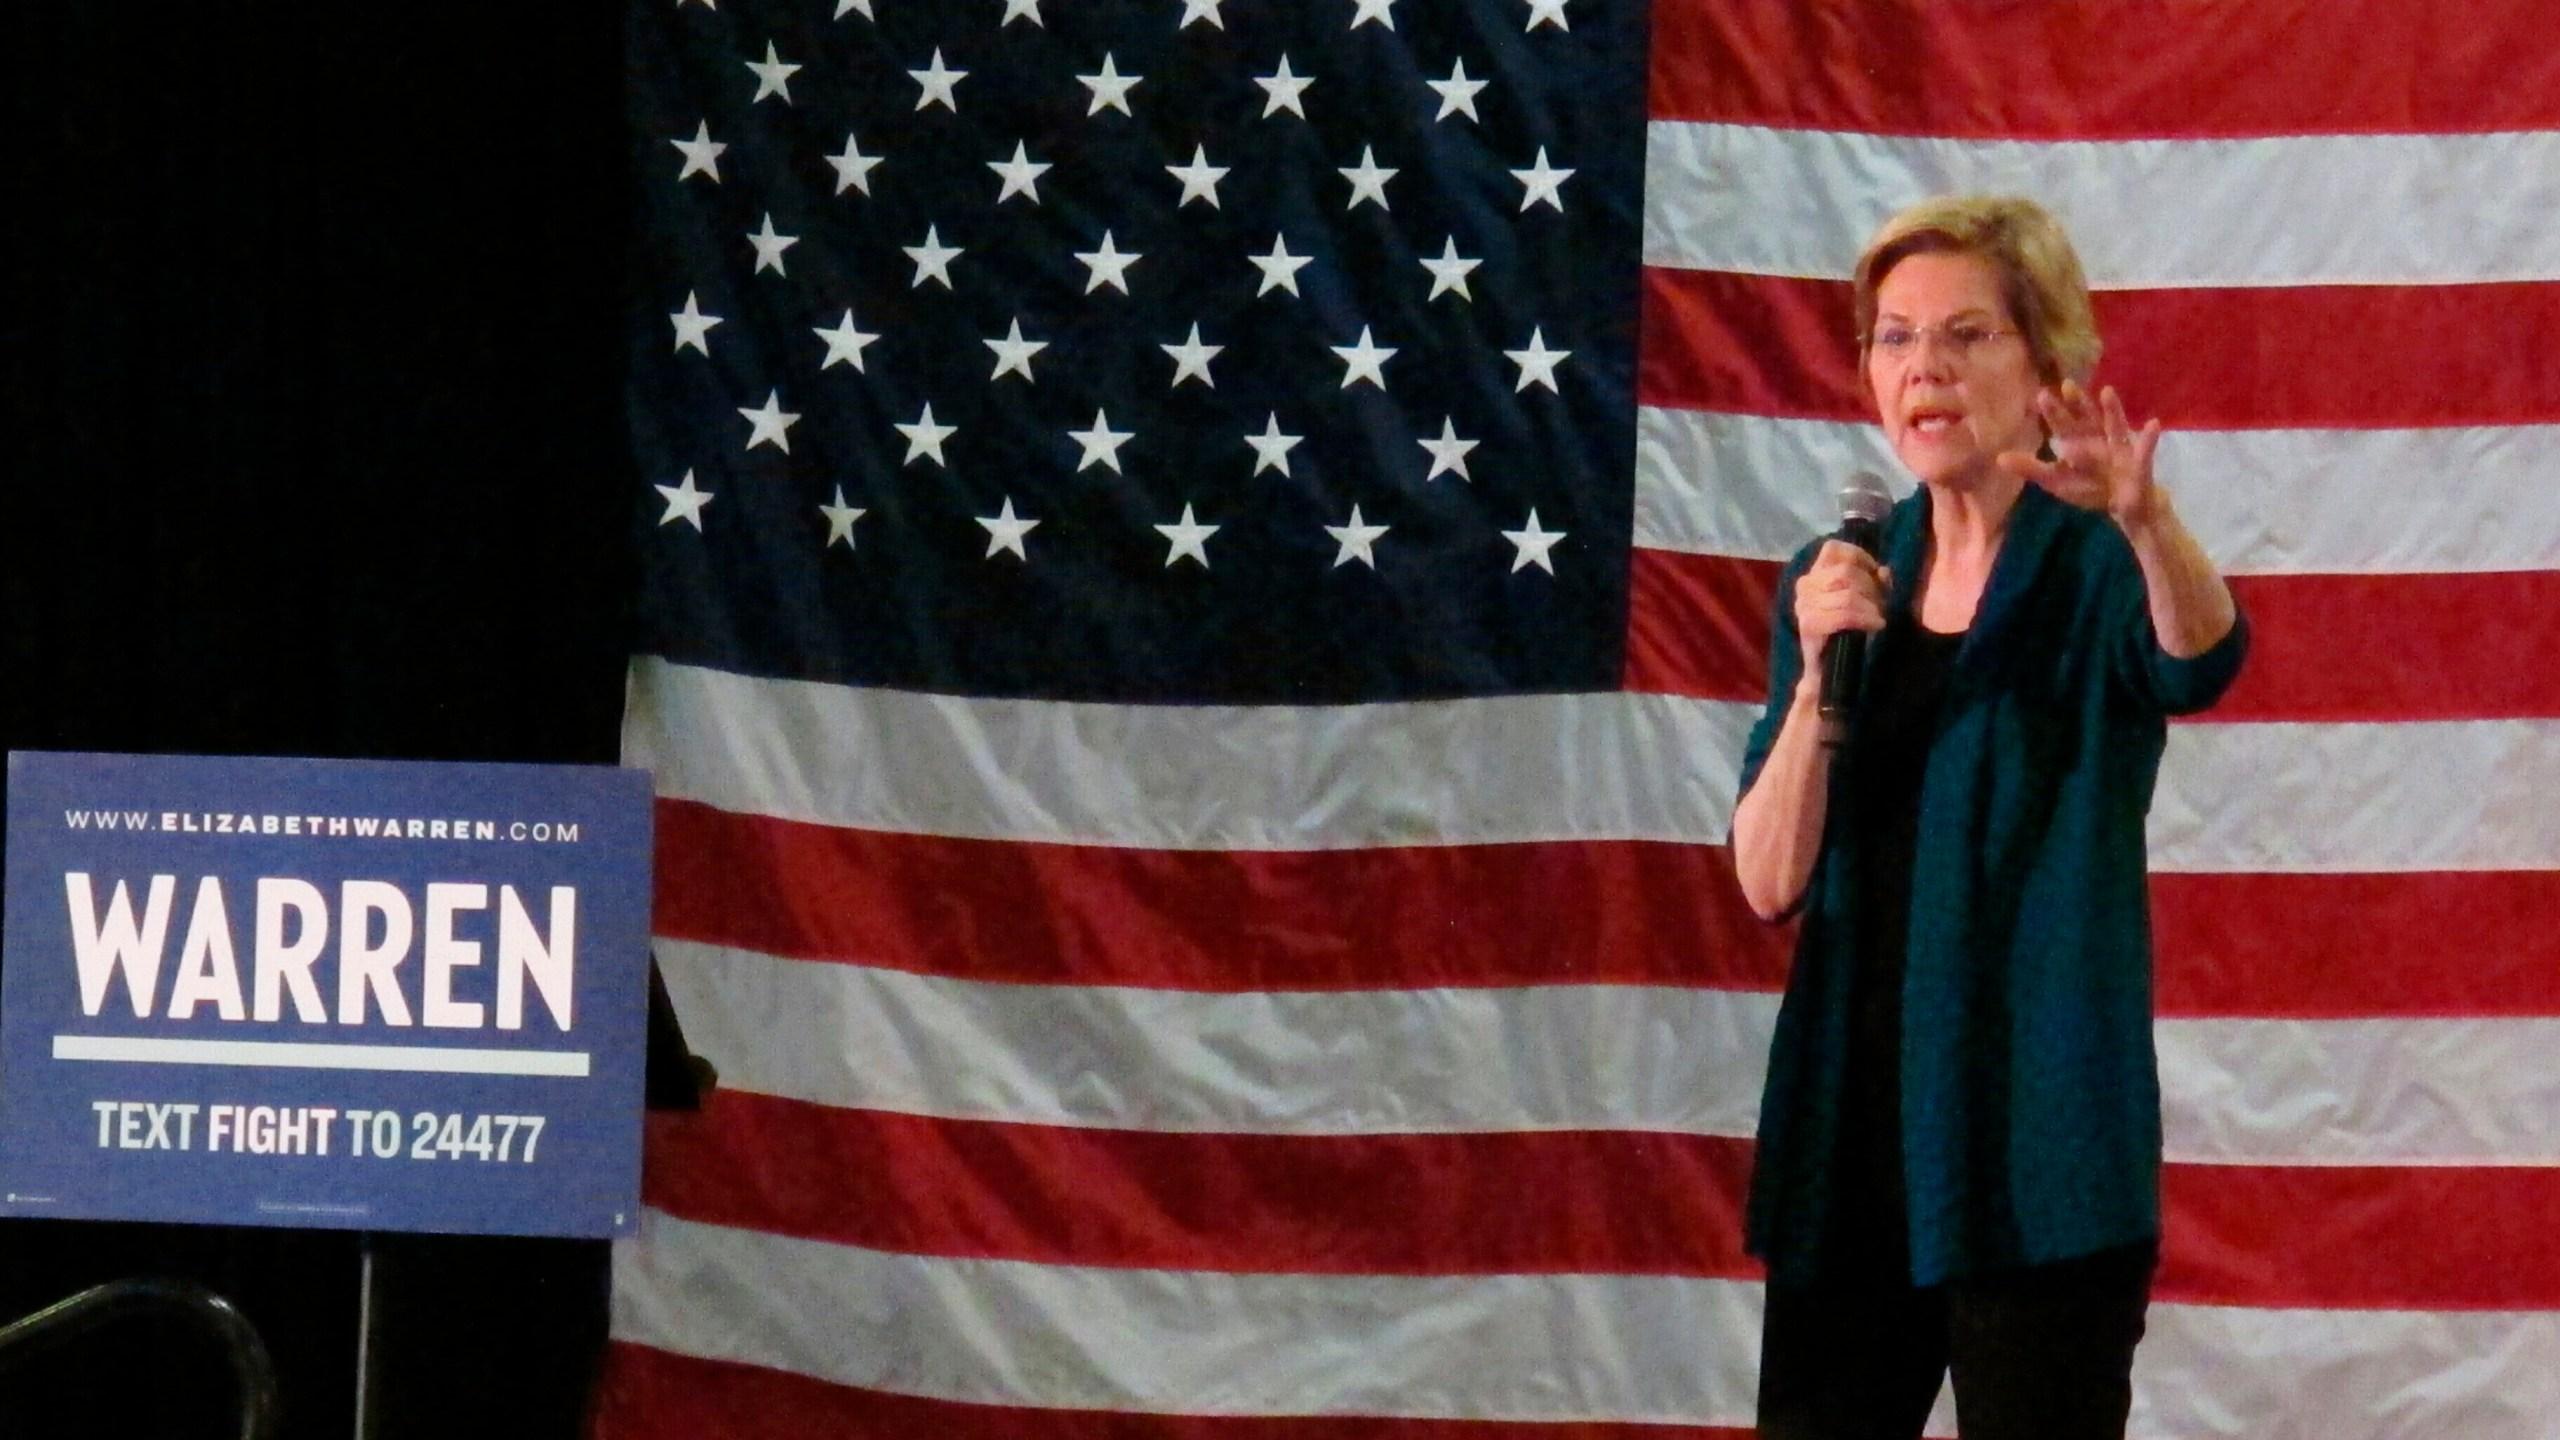 Election_2020_Elizabeth_Warren_65563-159532.jpg02755418